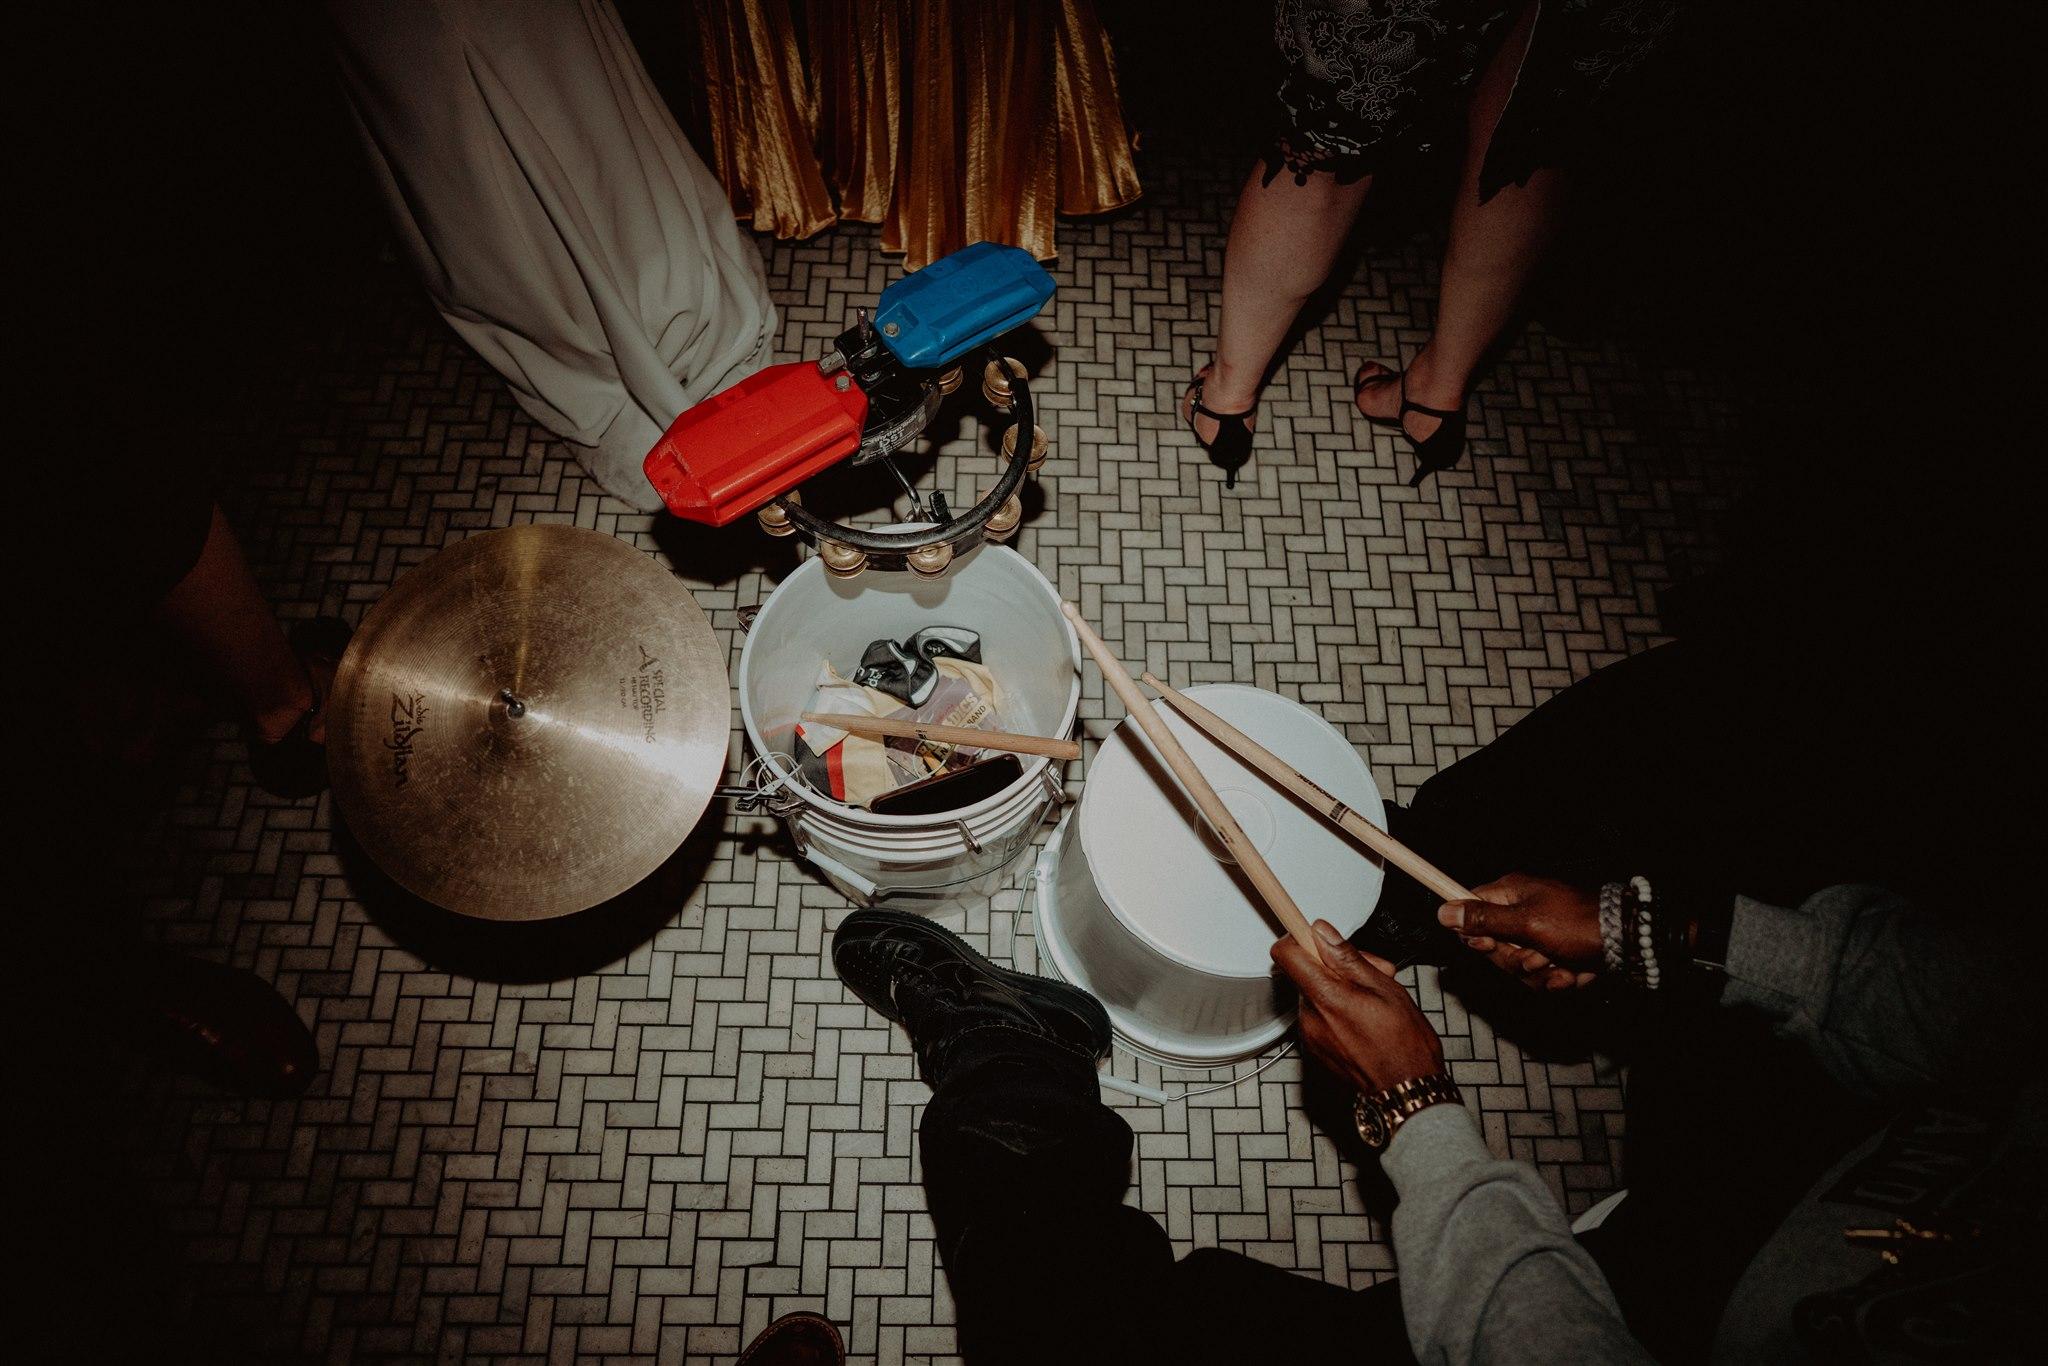 Chellise_Michael_Photography_Ramona_Brooklyn_Wedding_Photographer-576.jpg